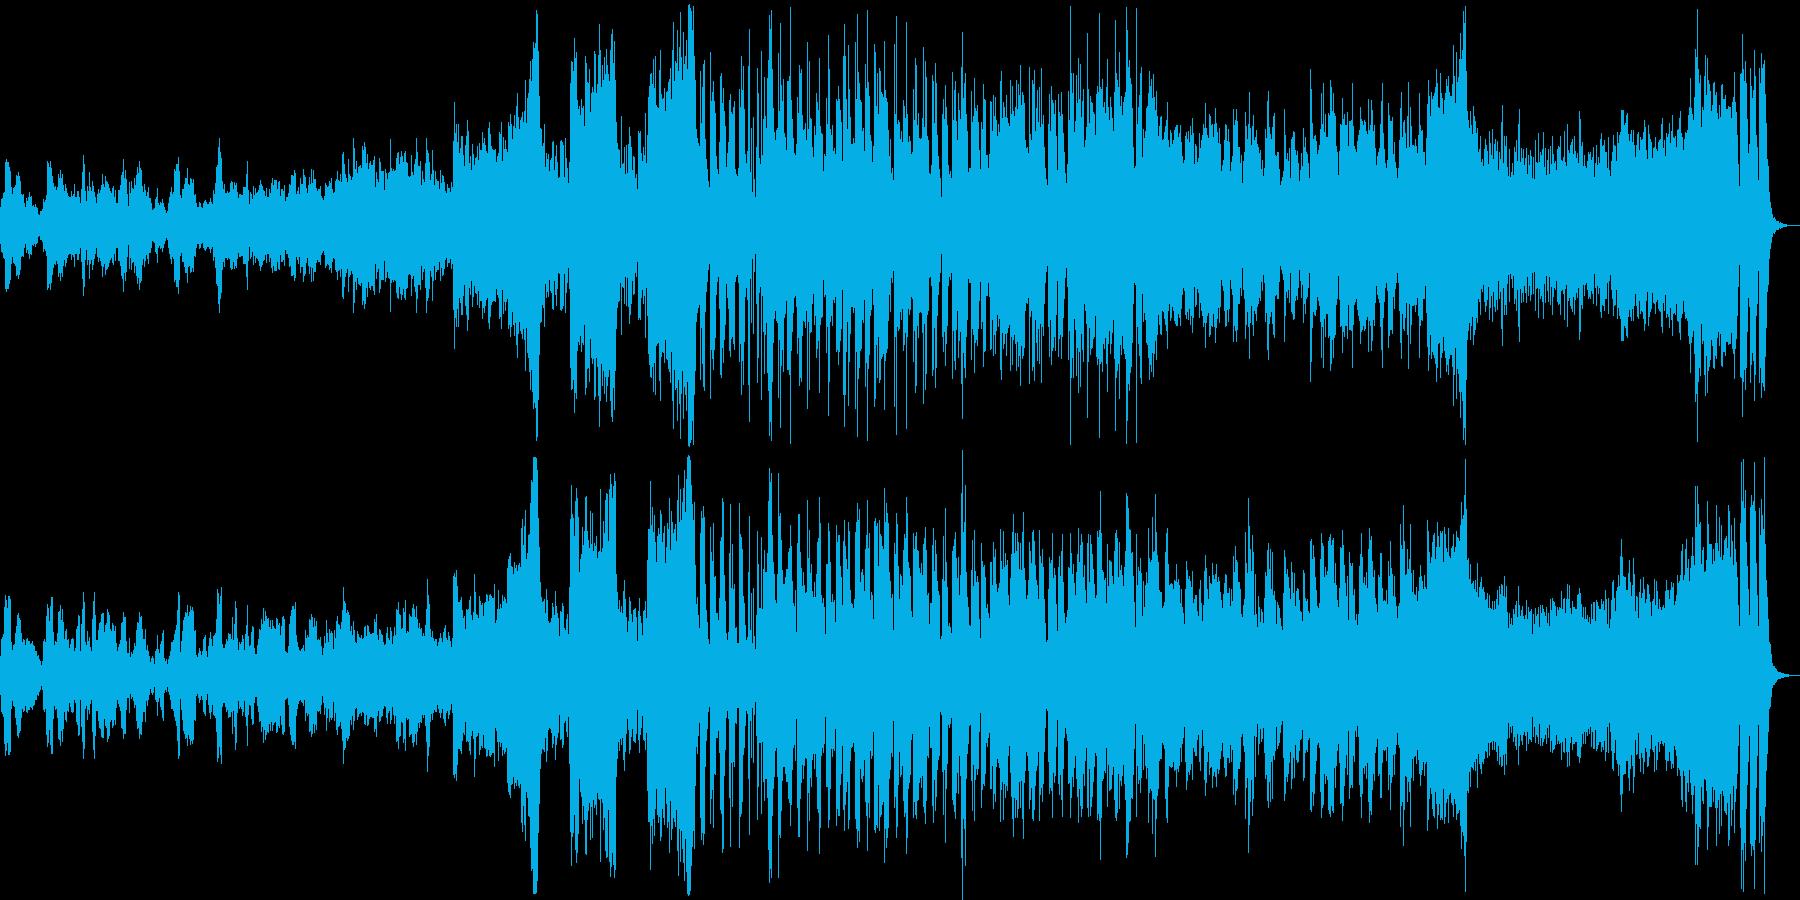 壮大な物語を想起させるオーケストラ楽曲の再生済みの波形